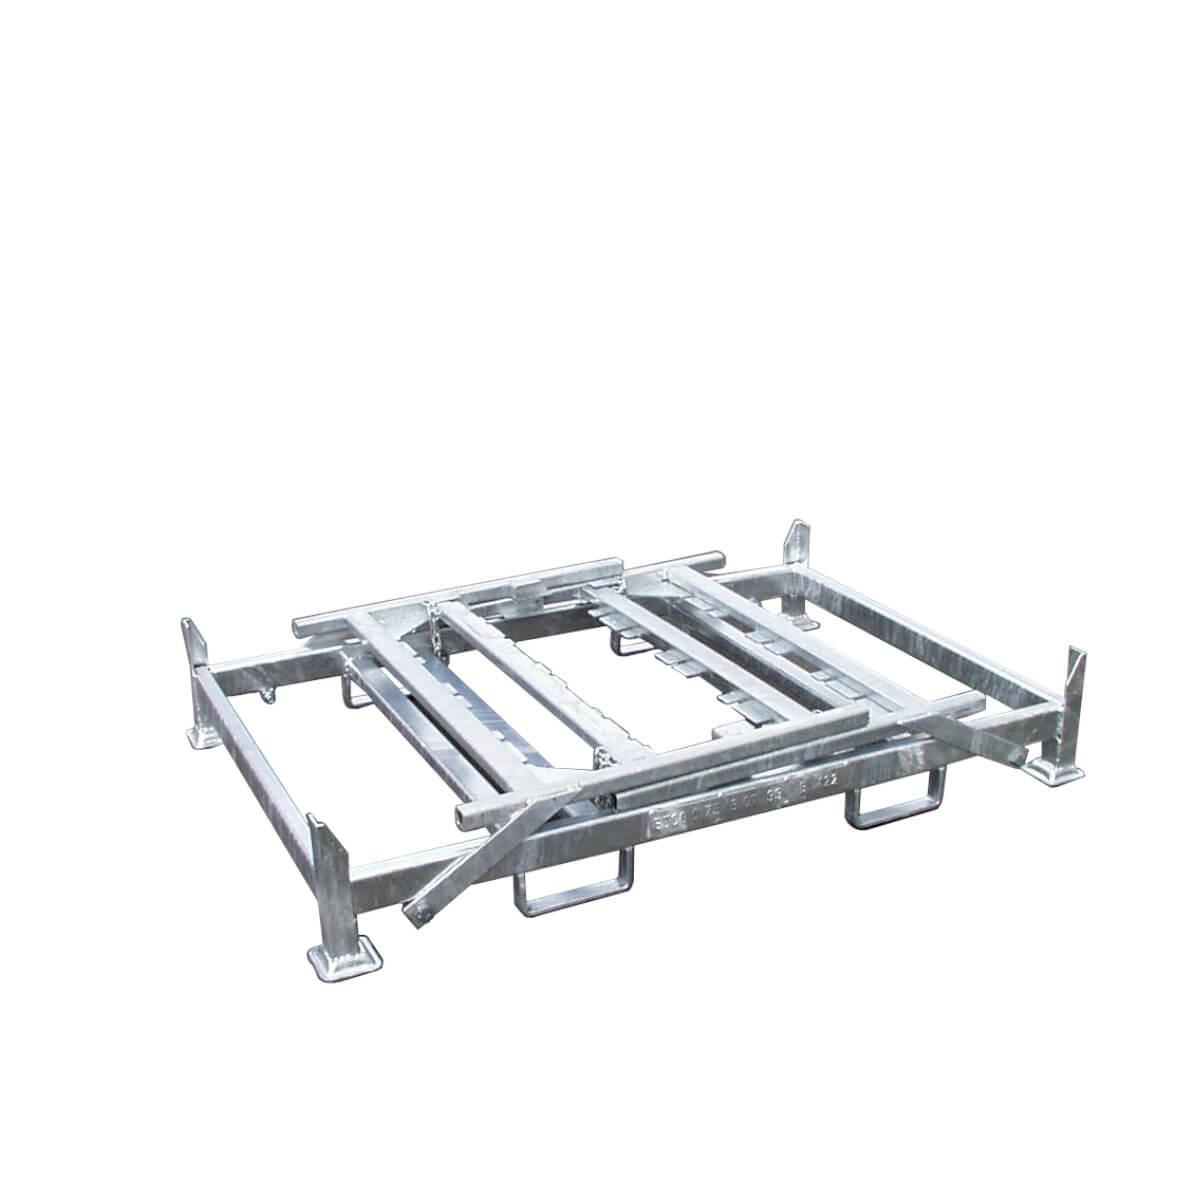 Folienrollengestell, klappbar, für mehrere Rollen, individuell anpassbar-2